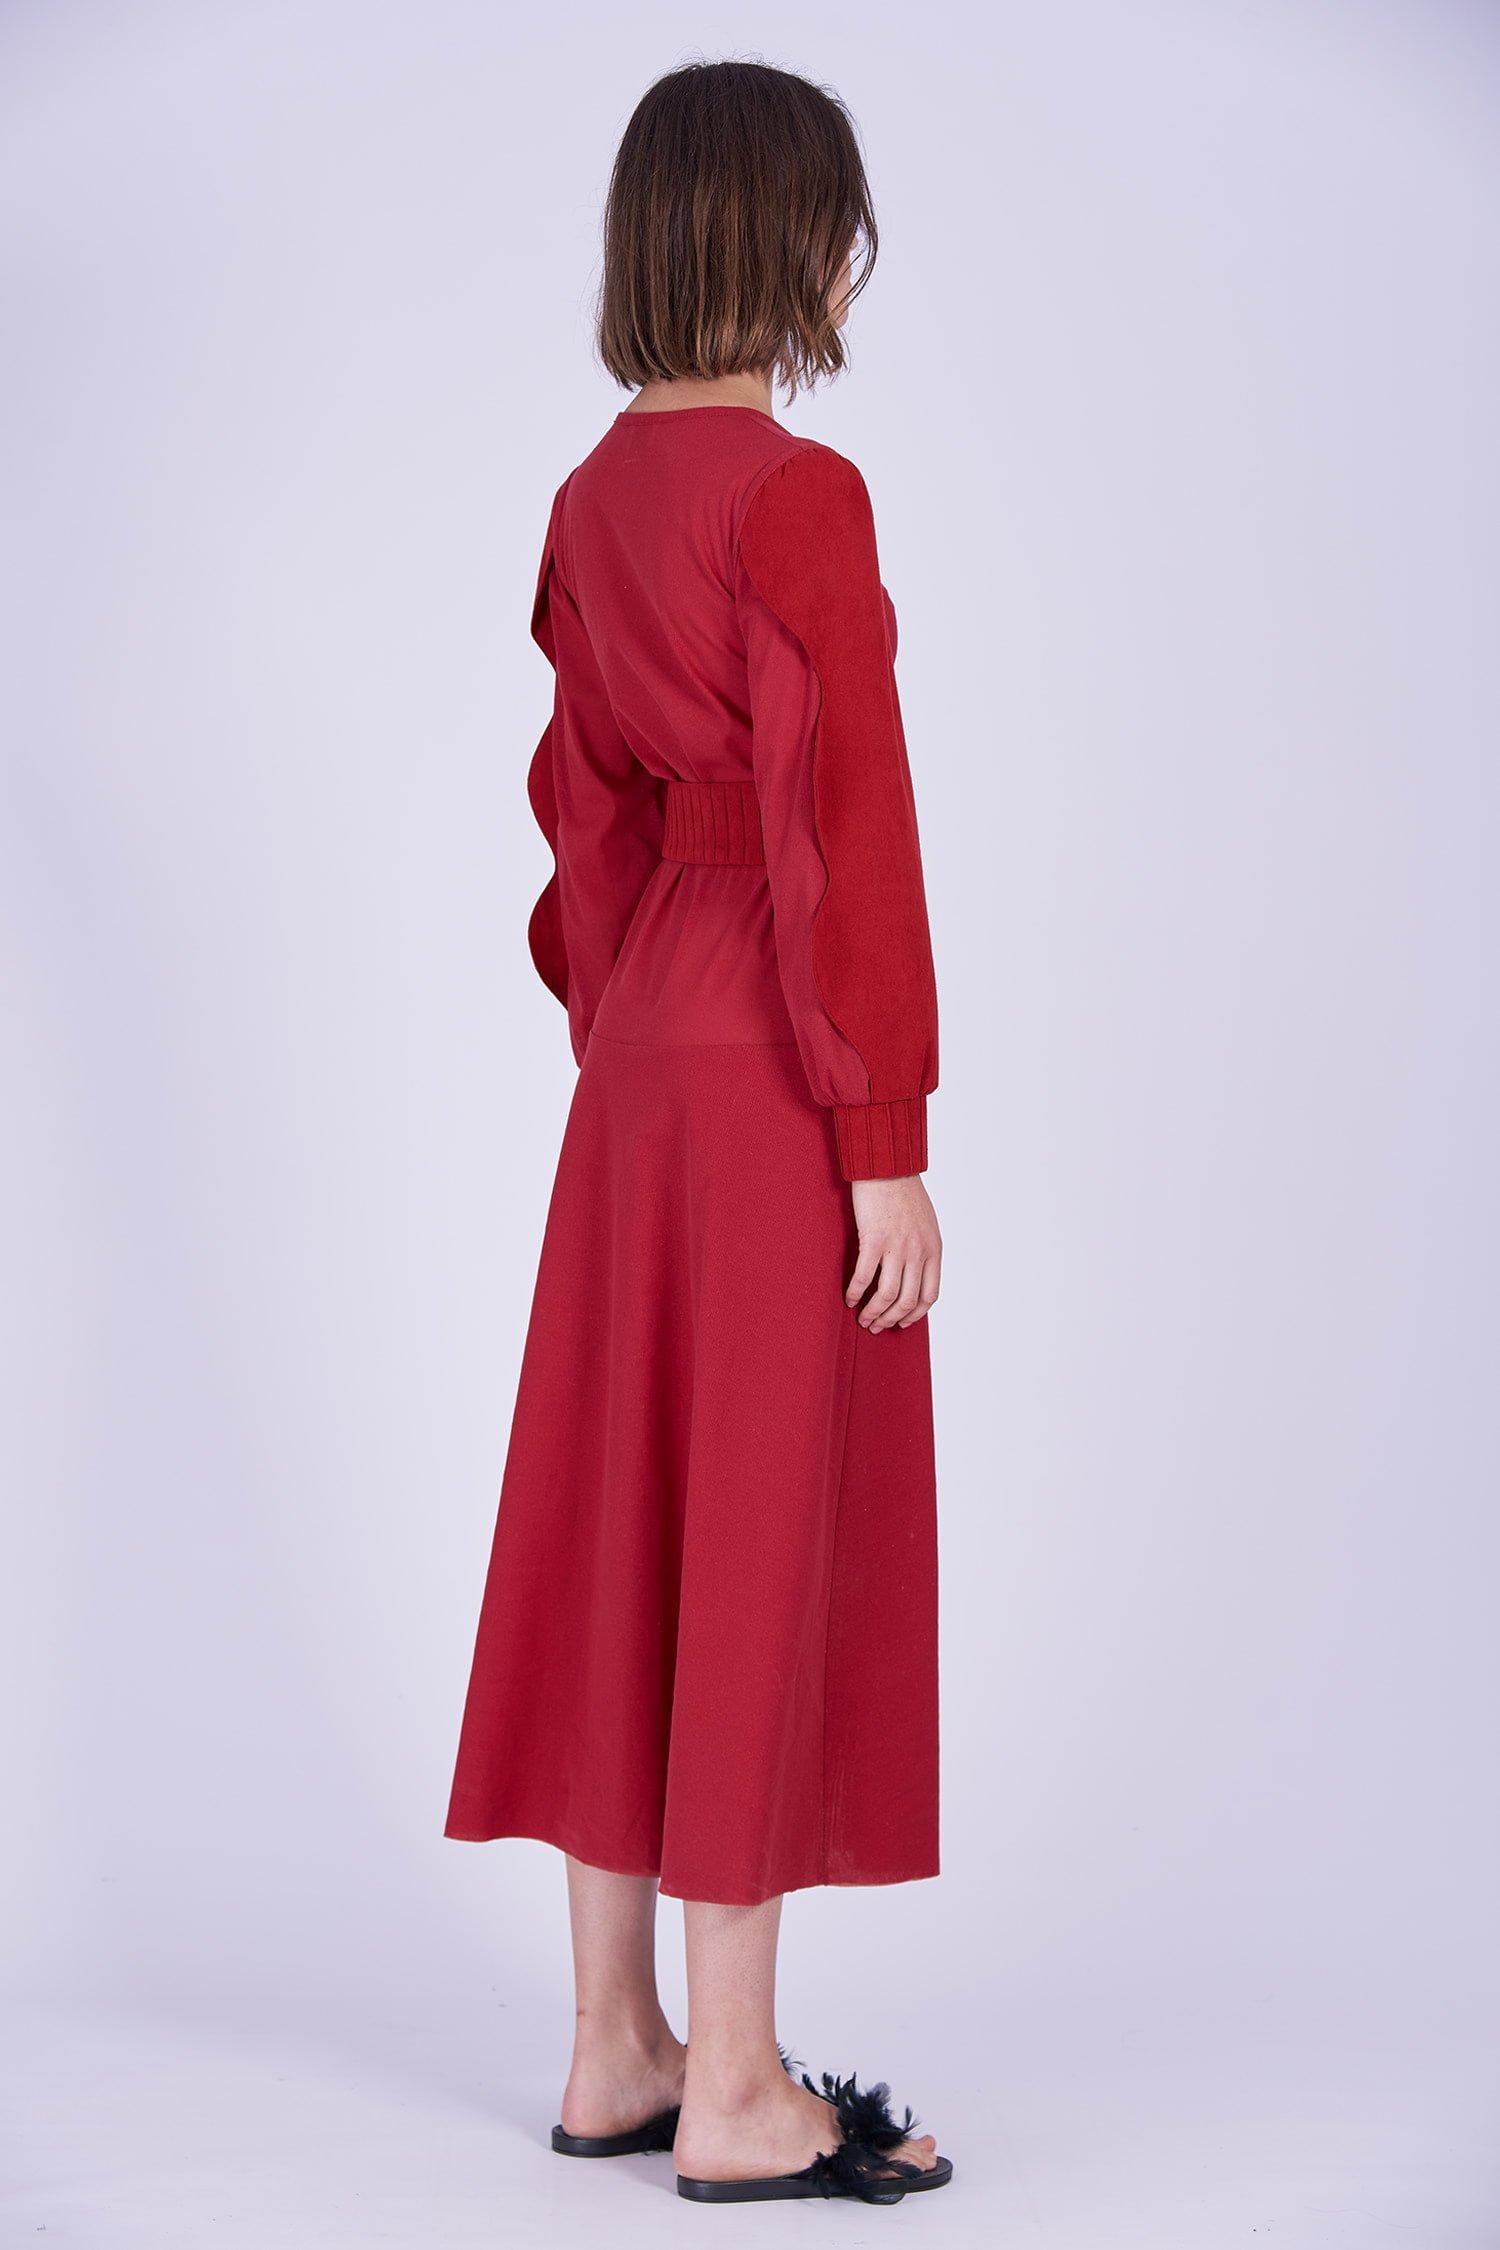 Acephala Ps2020 Red Maxi Evening Dress Czerwona Suknia Wieczorowa Back Side